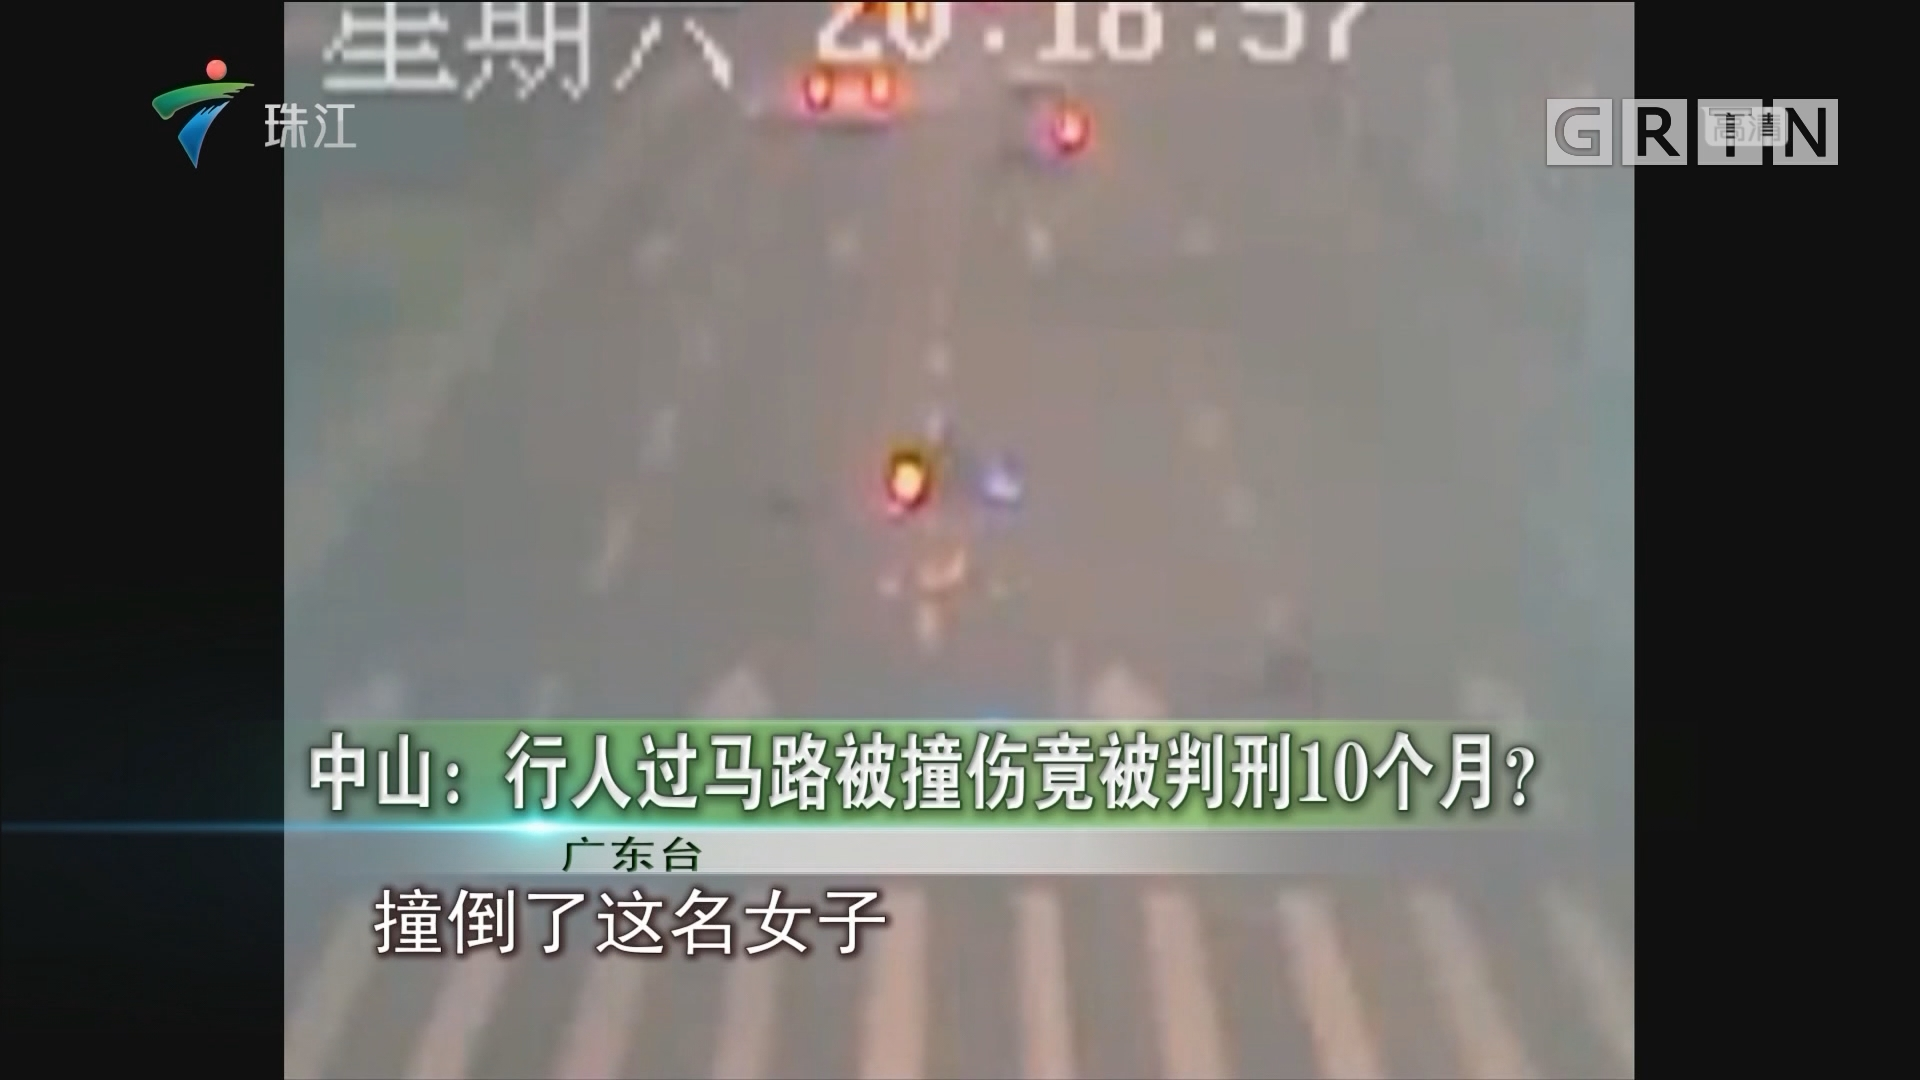 中山:行人过马路被撞伤竟被判10个月?